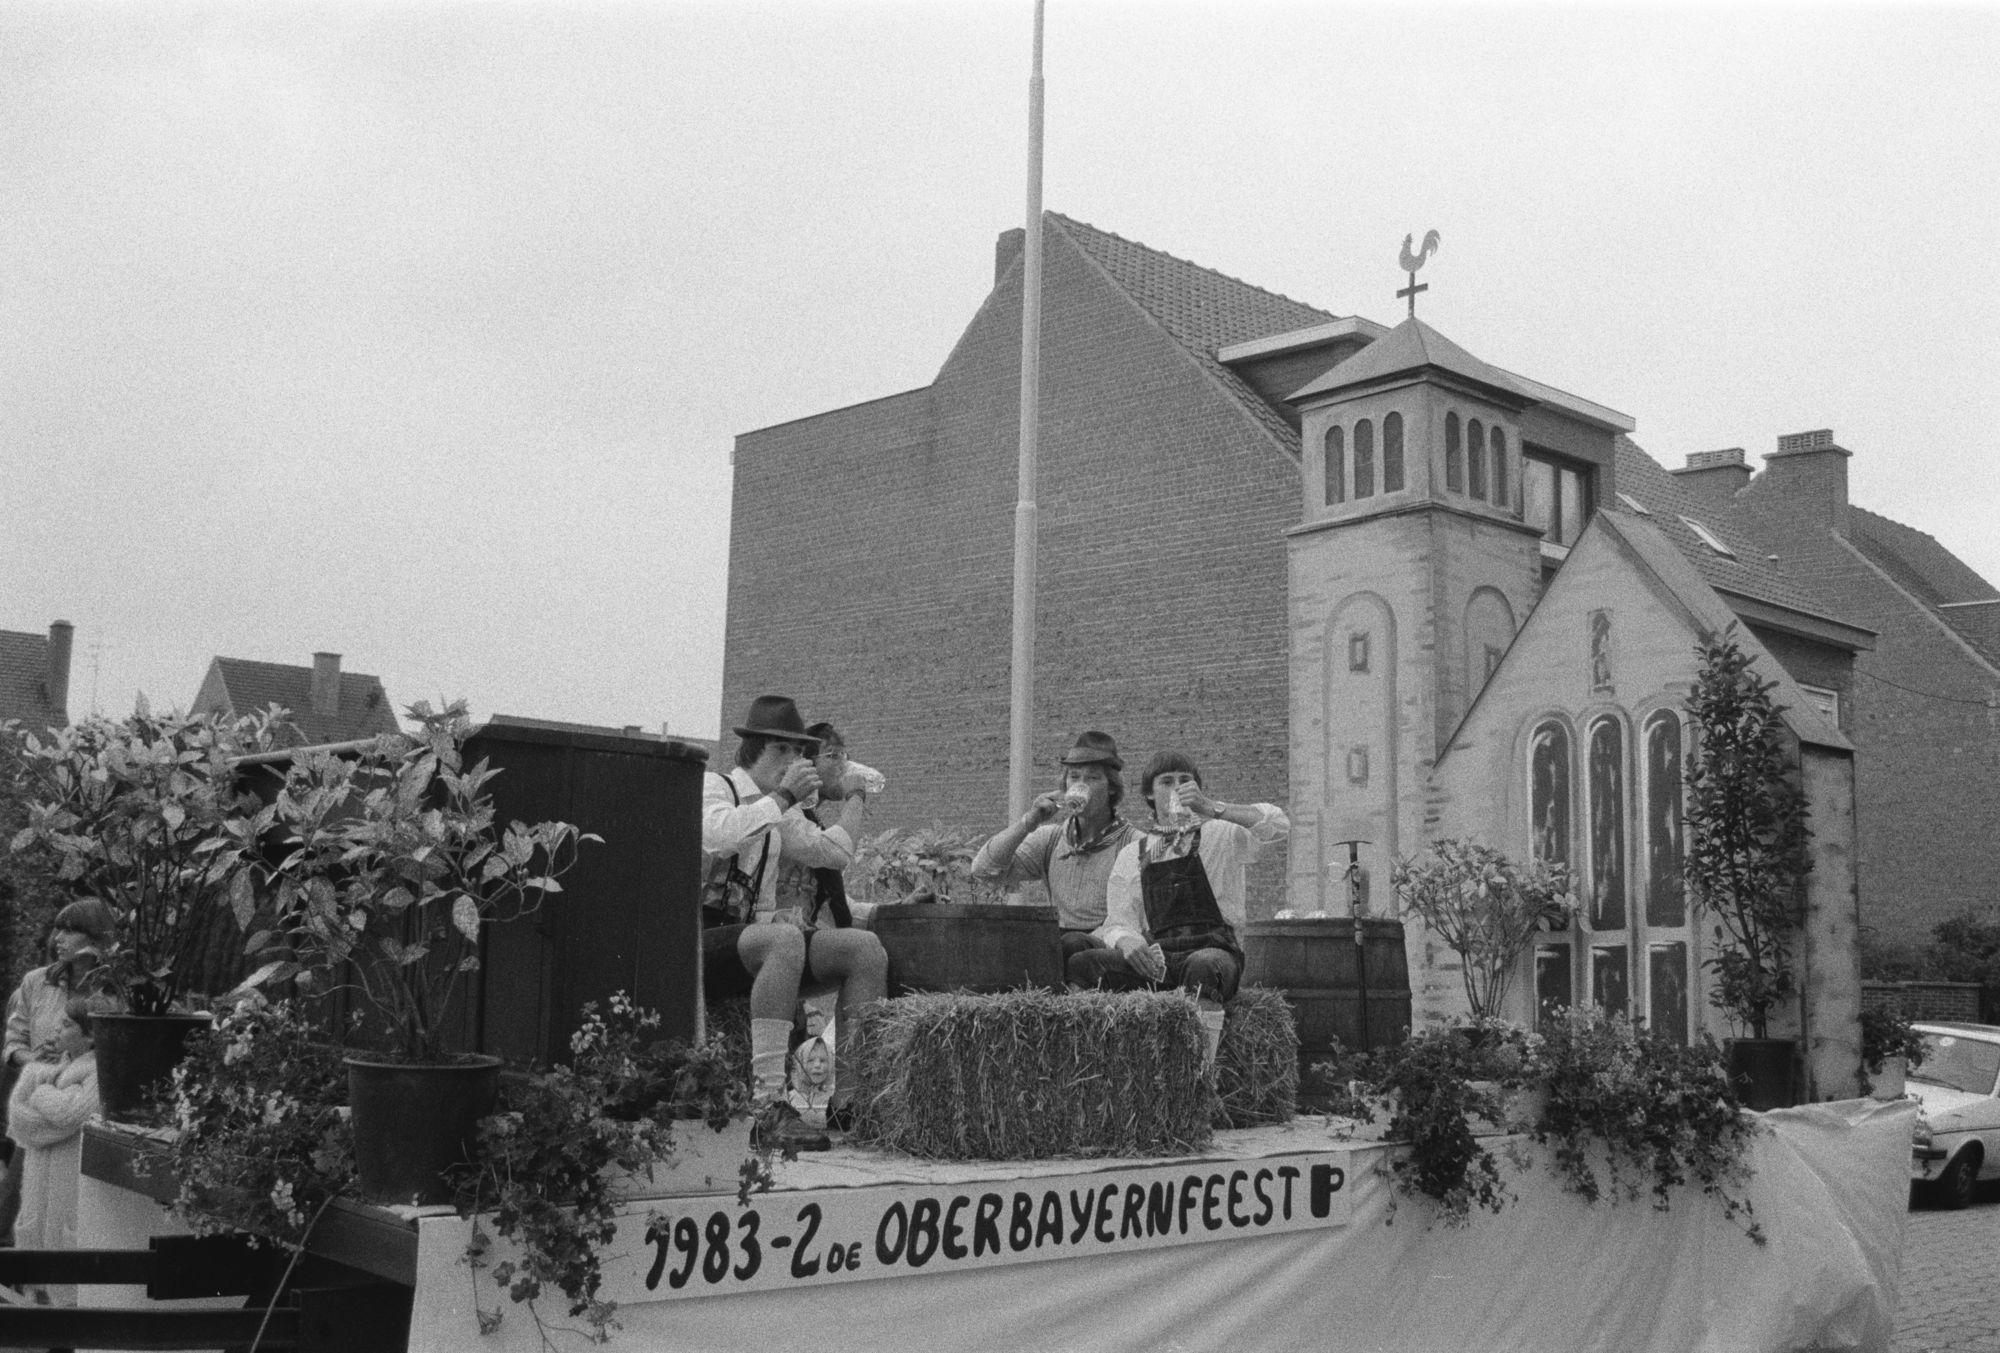 Wijkkermis Sionwijk: Soetens Fieste - Soetens molen